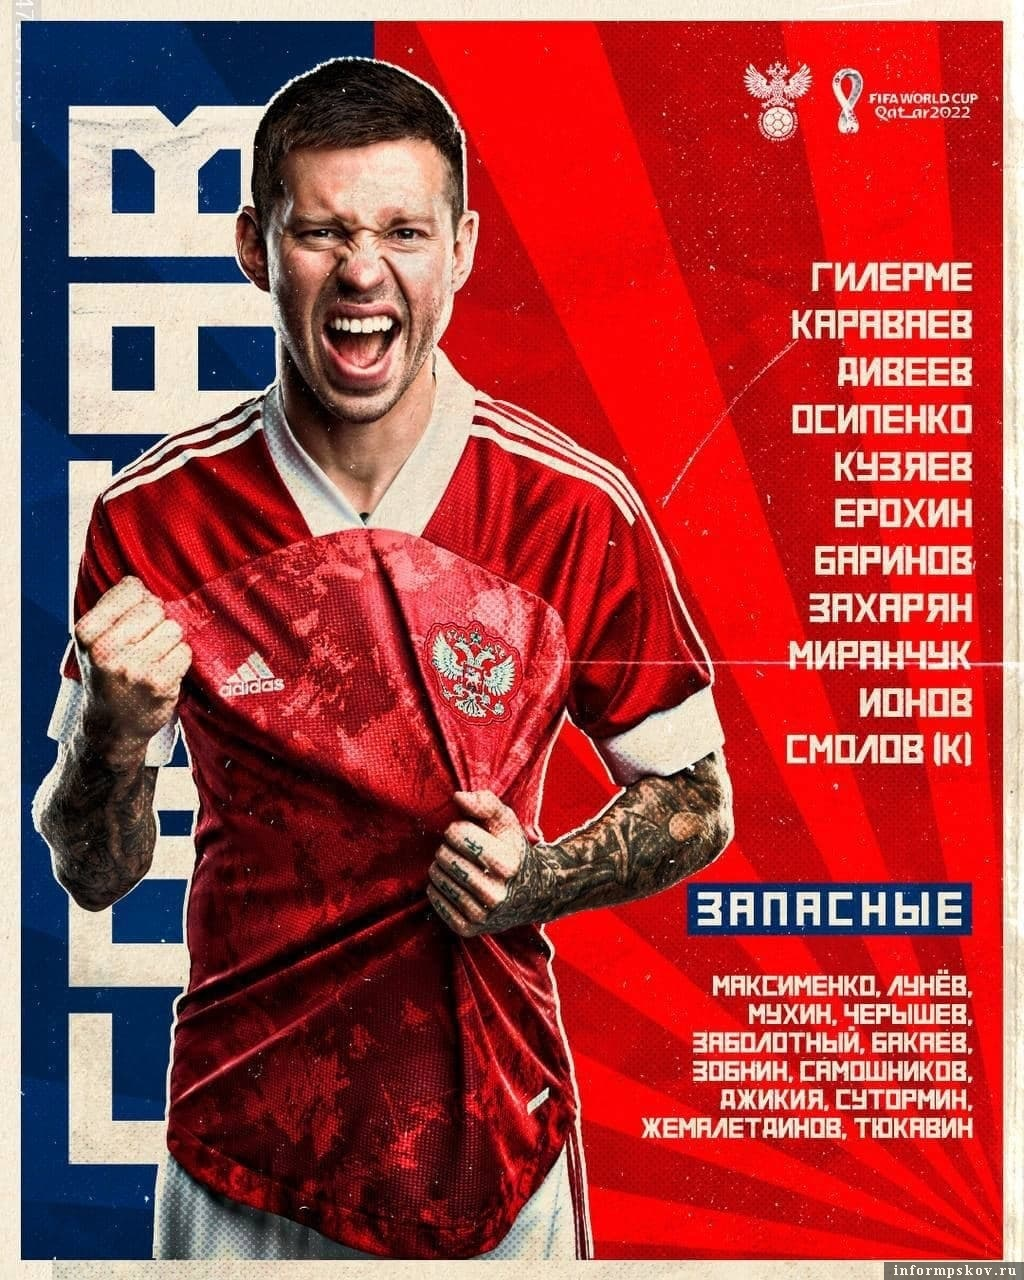 Капитаном сборной России на игру с Мальтой выбран Фёдор Смолов. Фото 360.tv